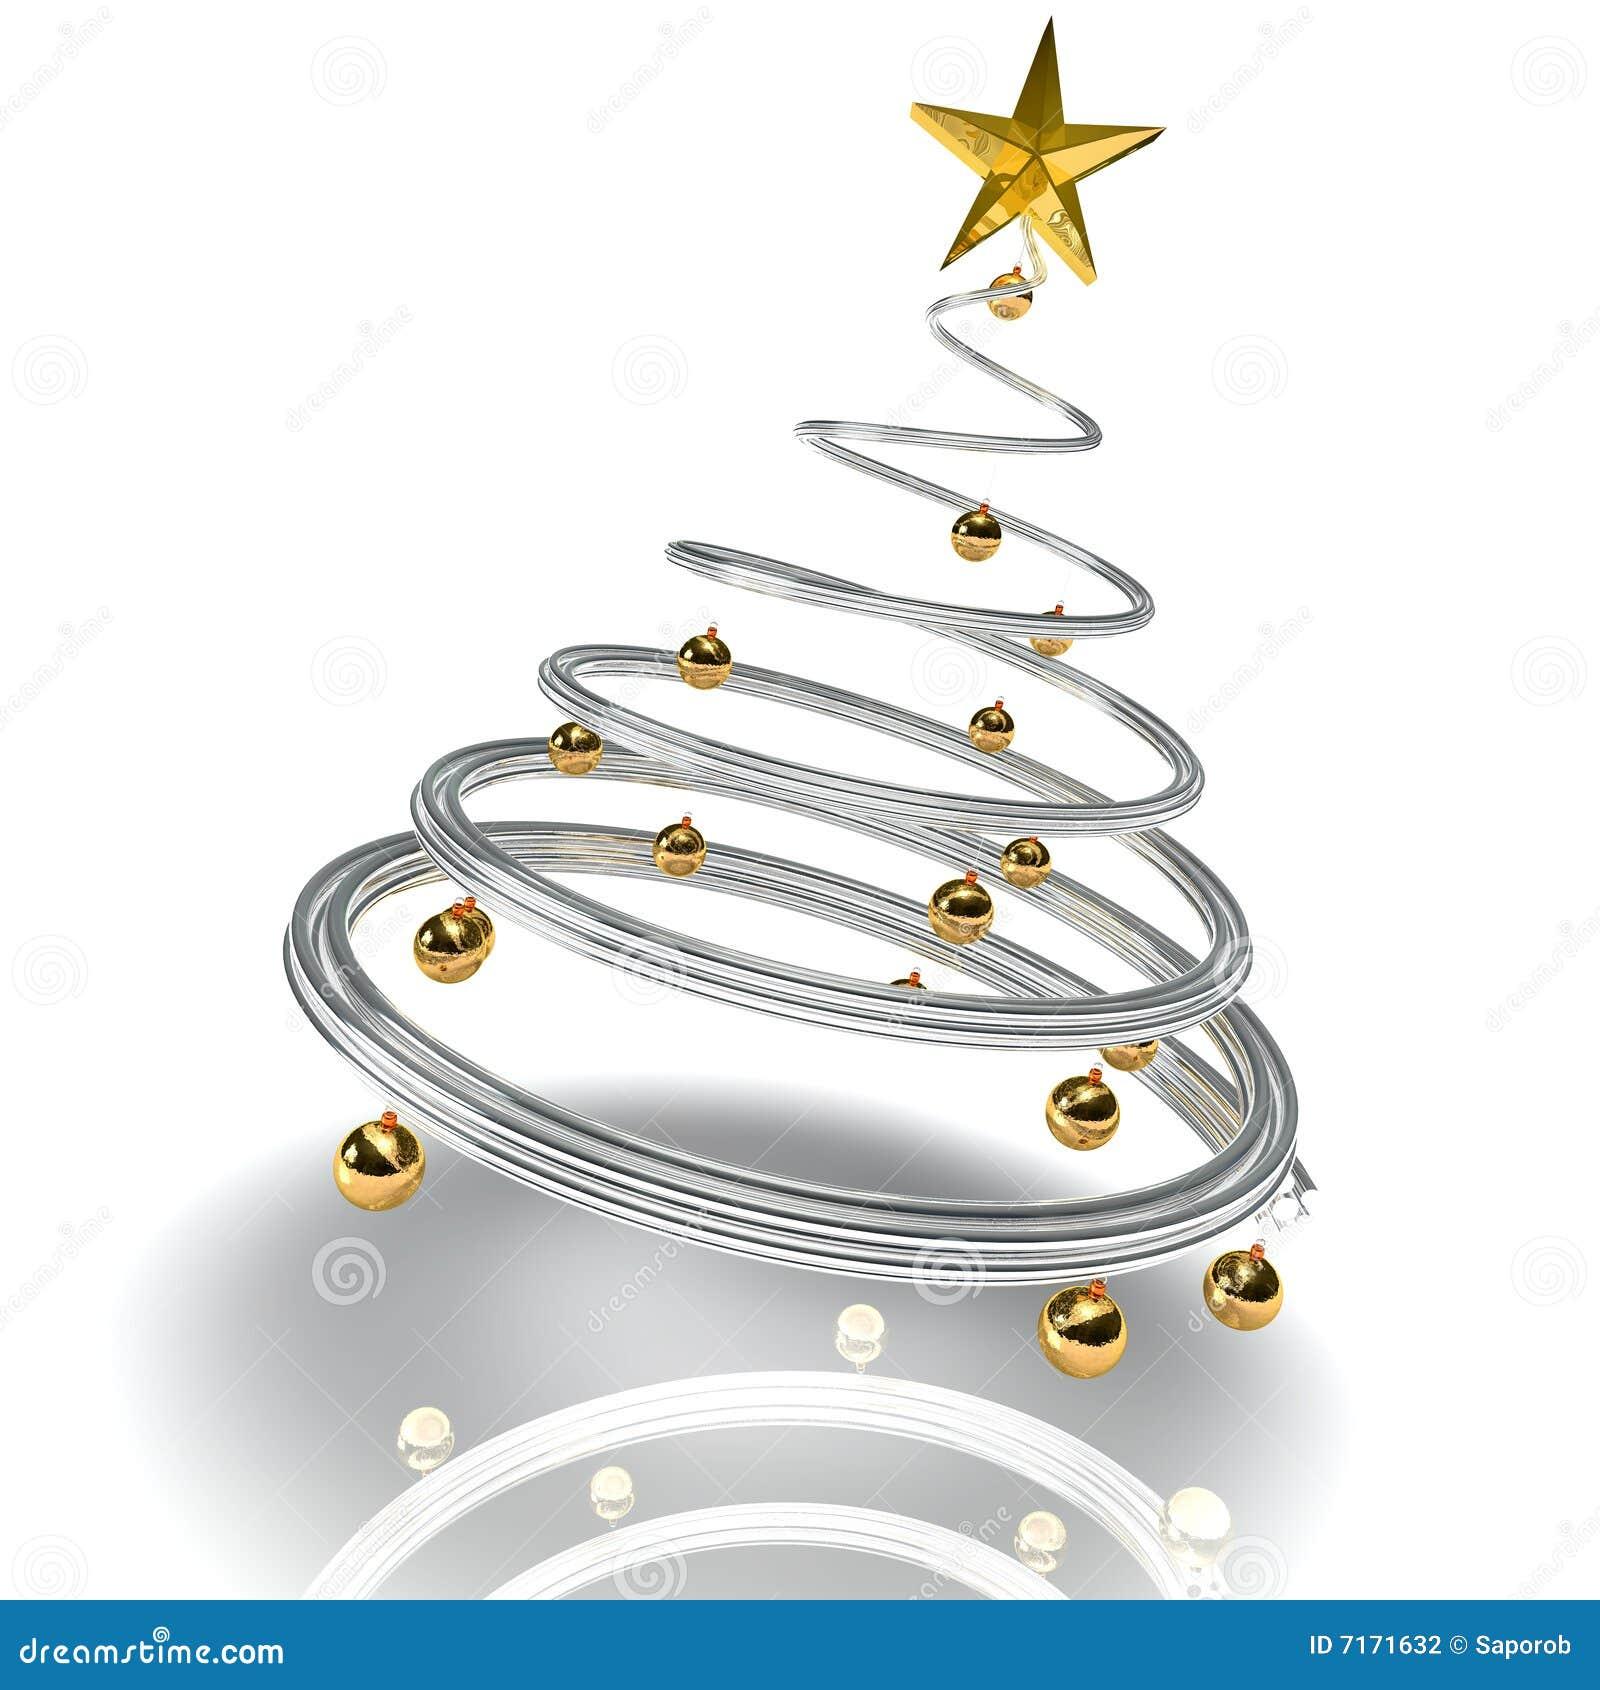 Rbol de navidad moderno stock de ilustraci n ilustraci n de dise o 7171632 - Arbol navidad moderno ...